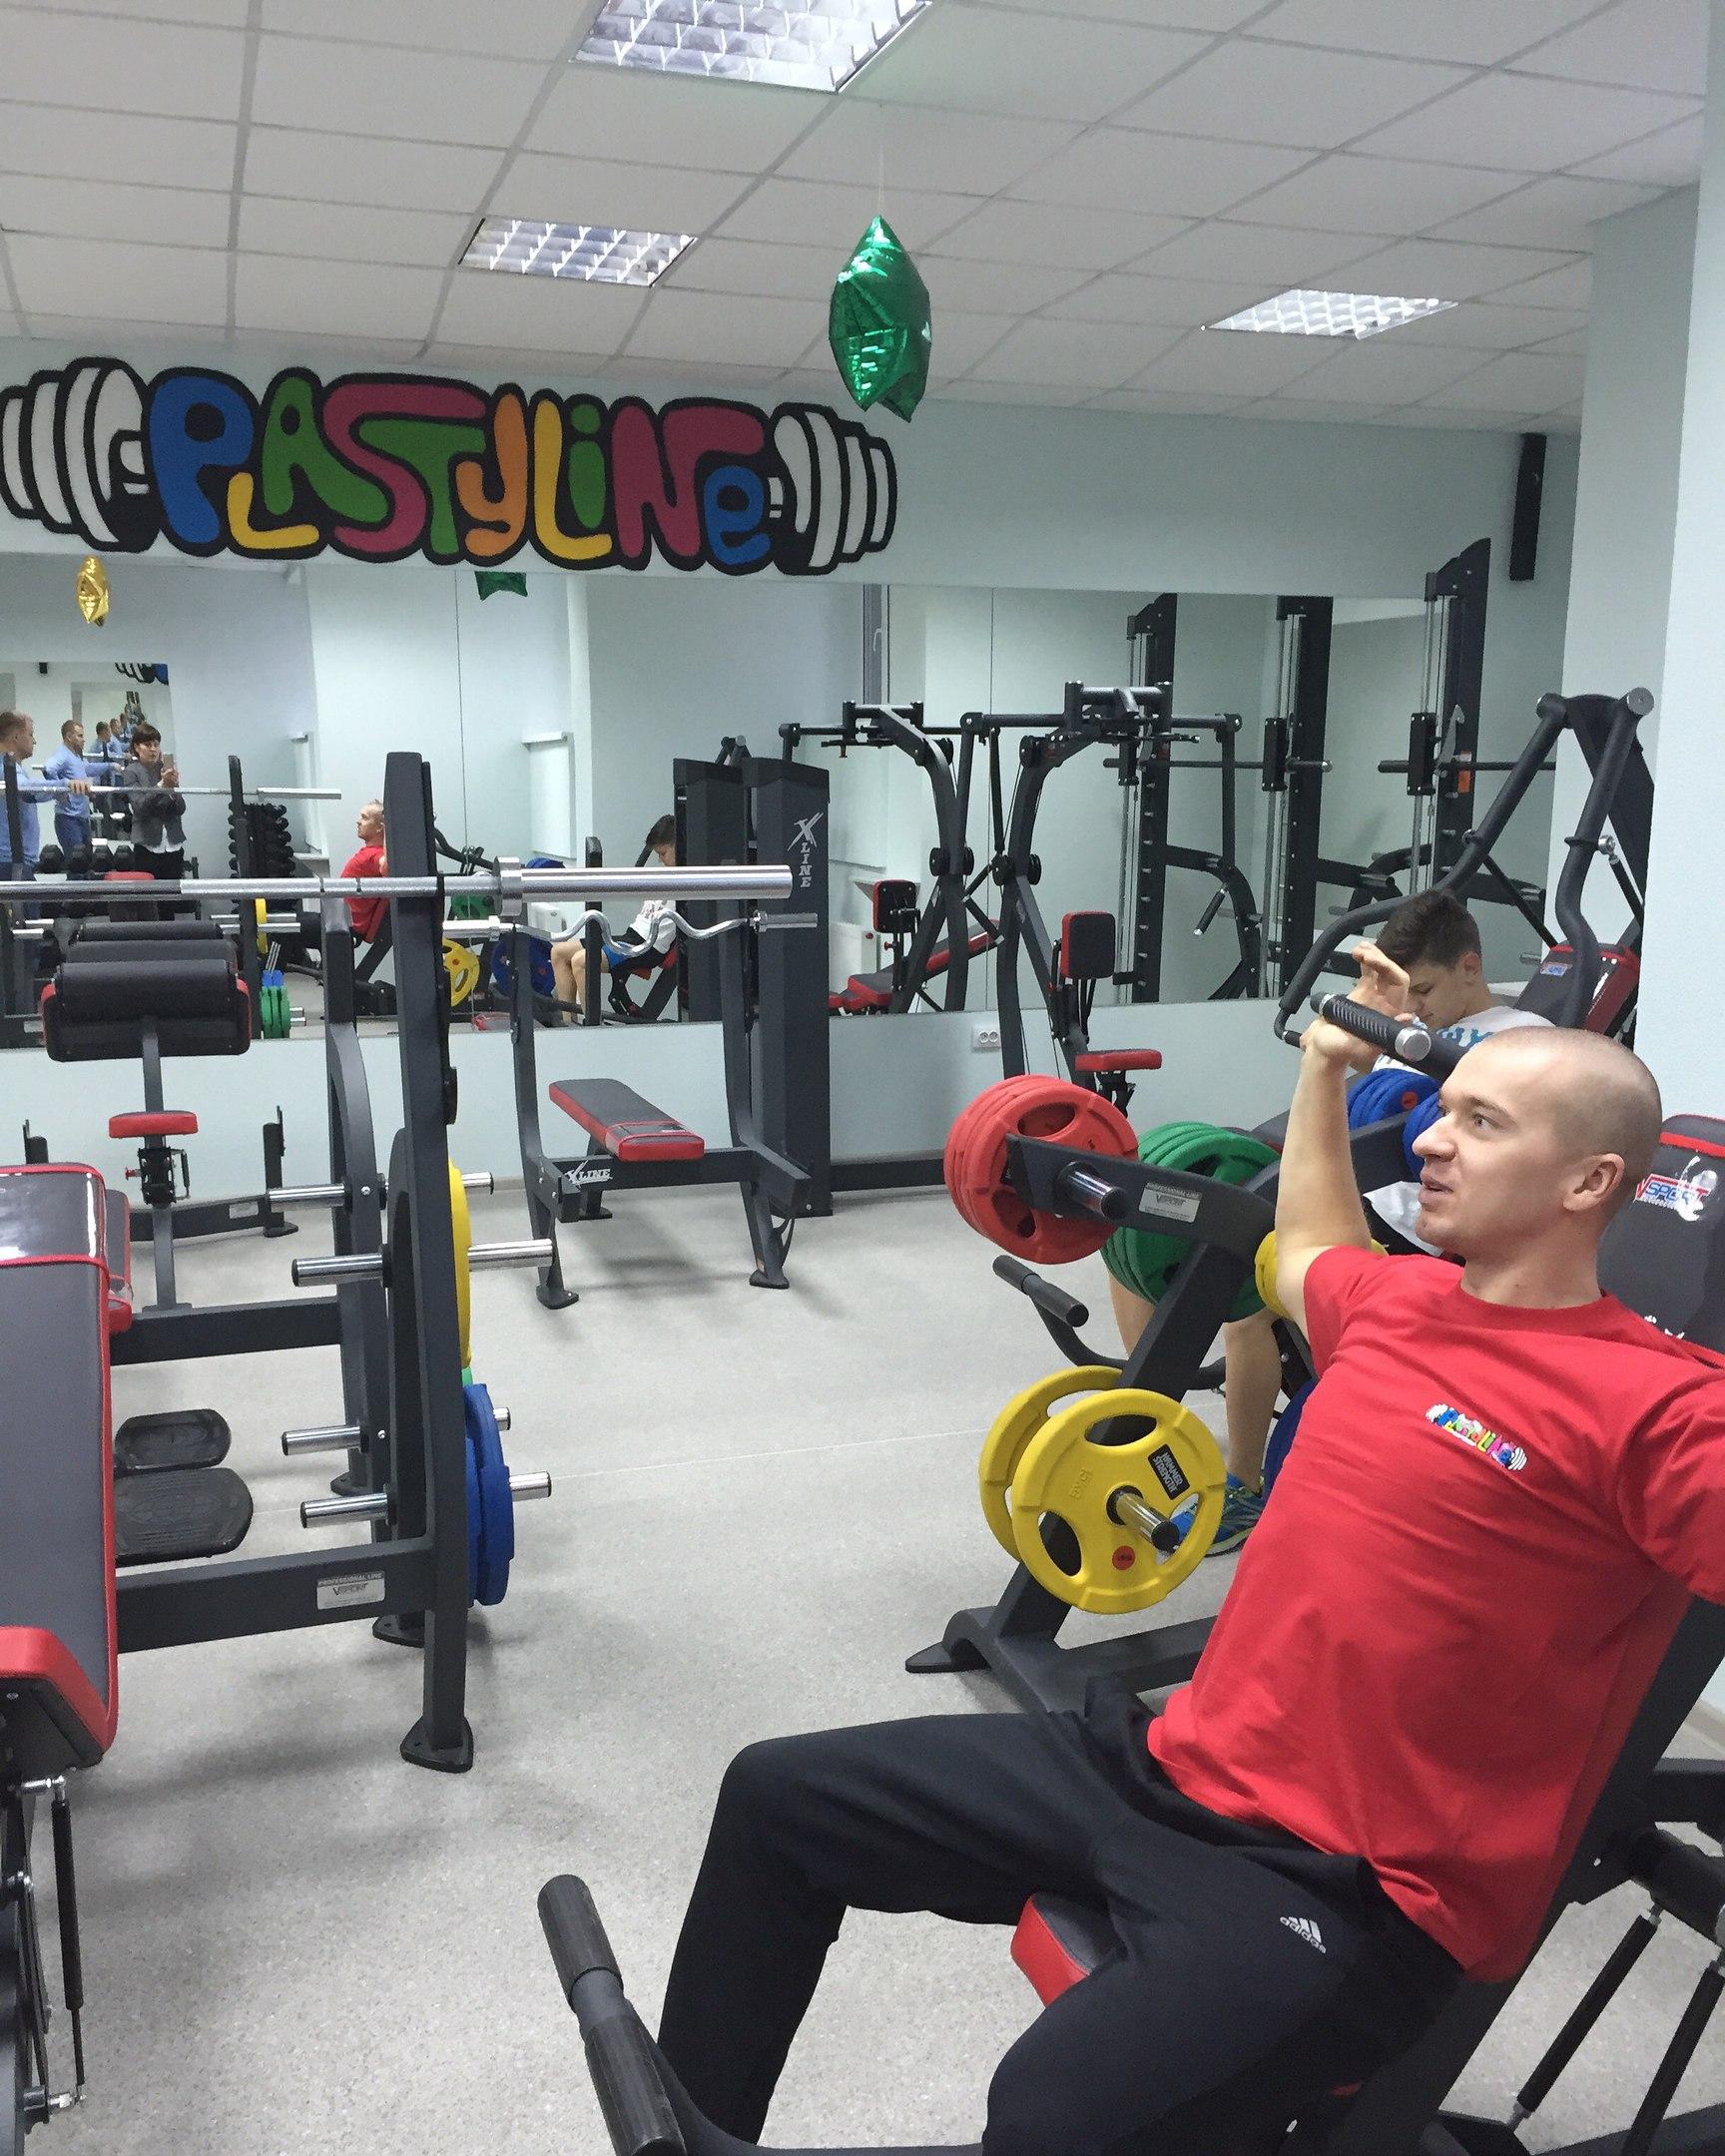 """Тренажерный зал в фитнес-клубе """"Plastyline"""" всего от 1,83 руб./занятие"""